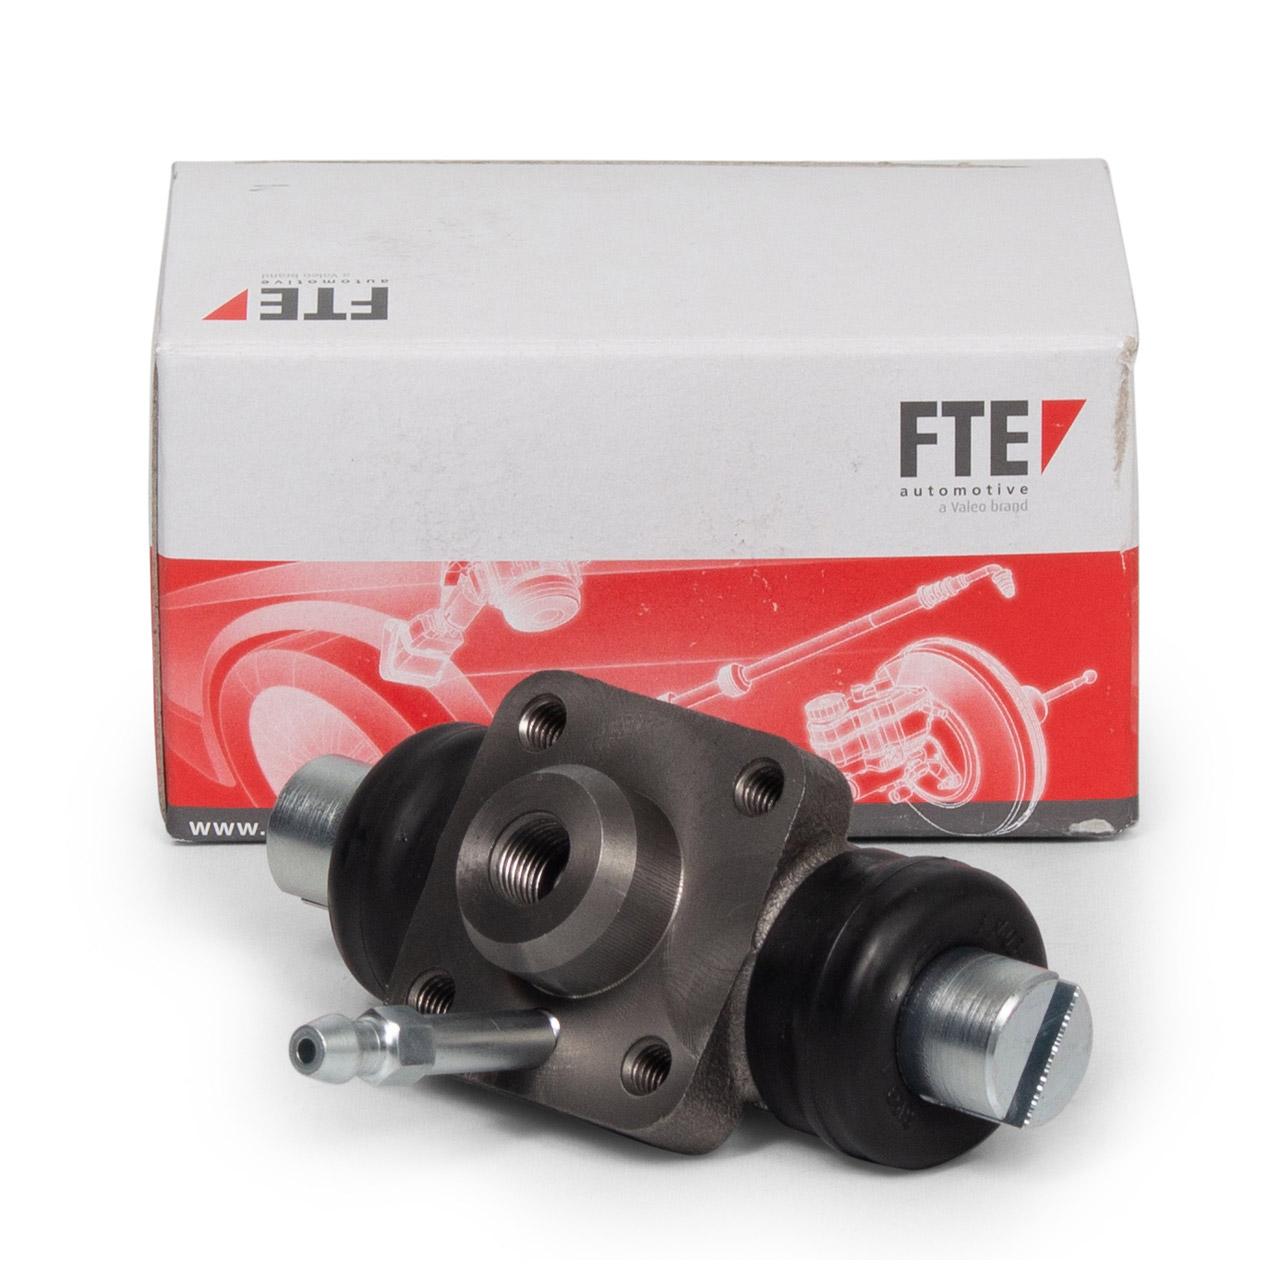 FTE Radbremszylinder PORSCHE 356 Cabrio 1100-1500 A1500 A1600 B1600 hinten 64435251301